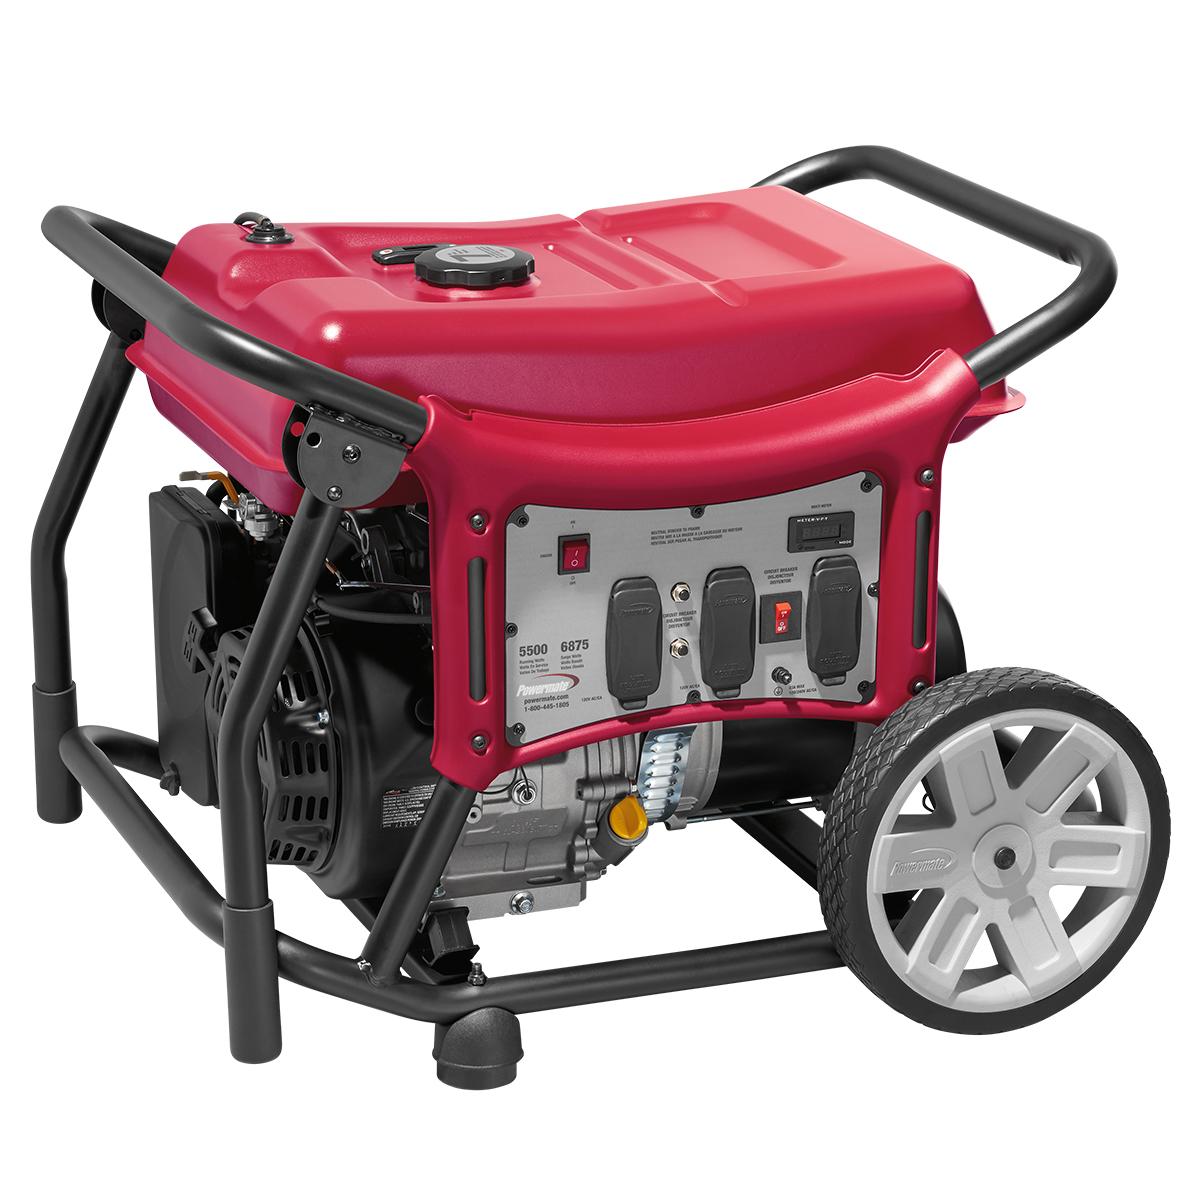 Powermate 5500 Watt Portable Generator, CARB - PMC145500